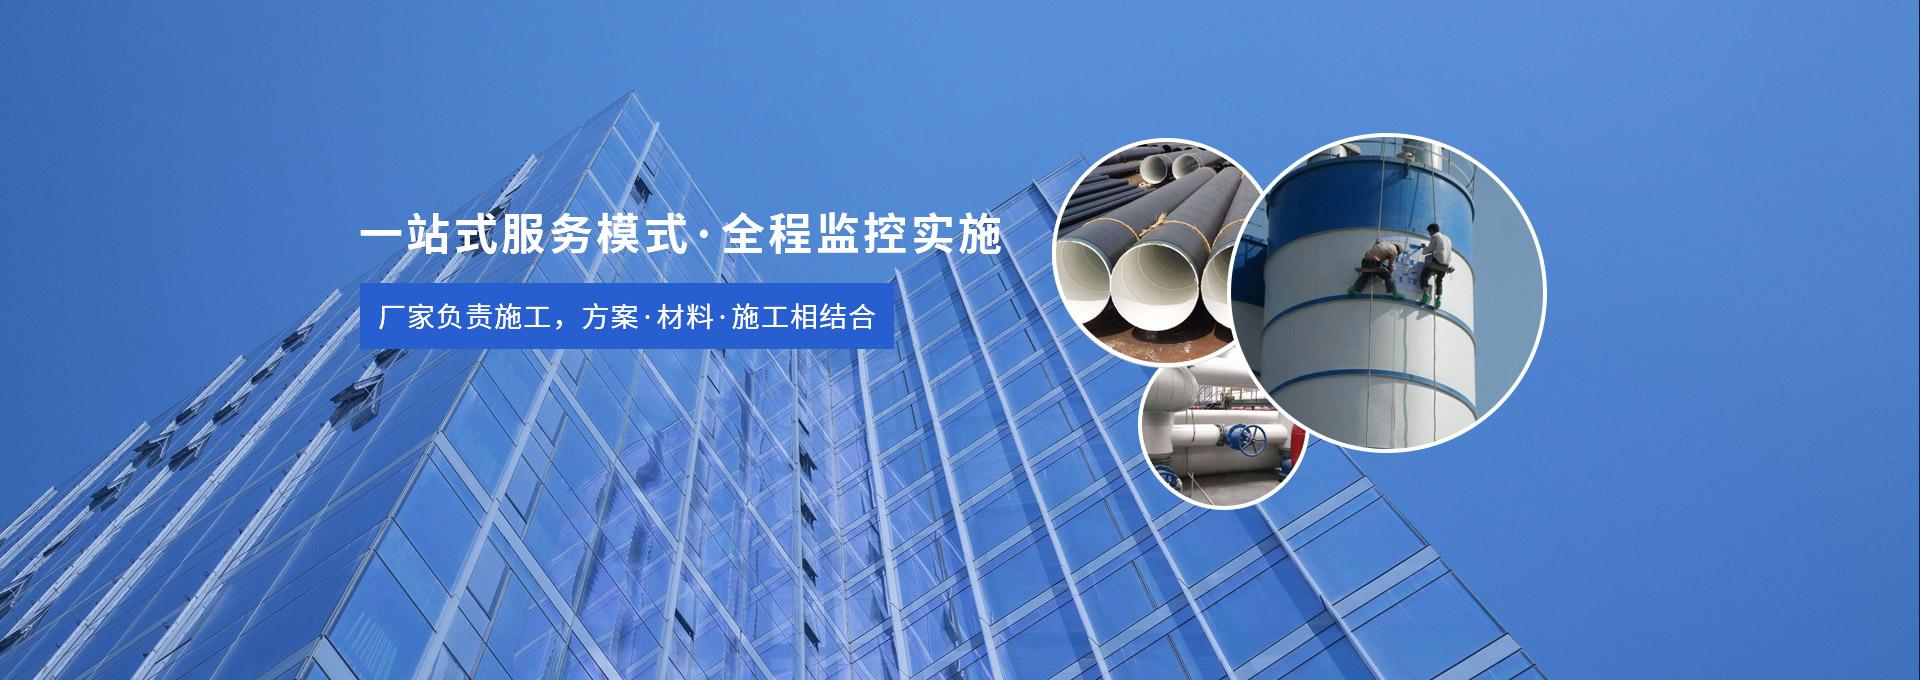 西安防腐保温工程